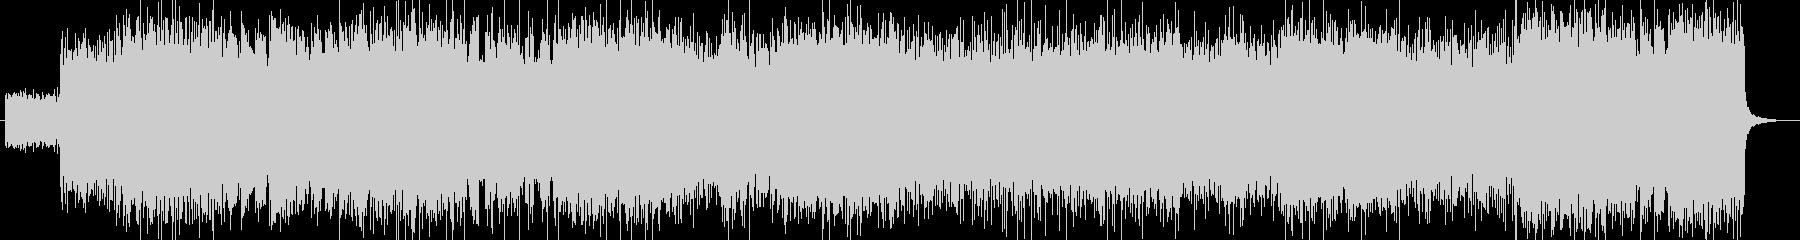 「ハードロック・DEATH」BGM120の未再生の波形